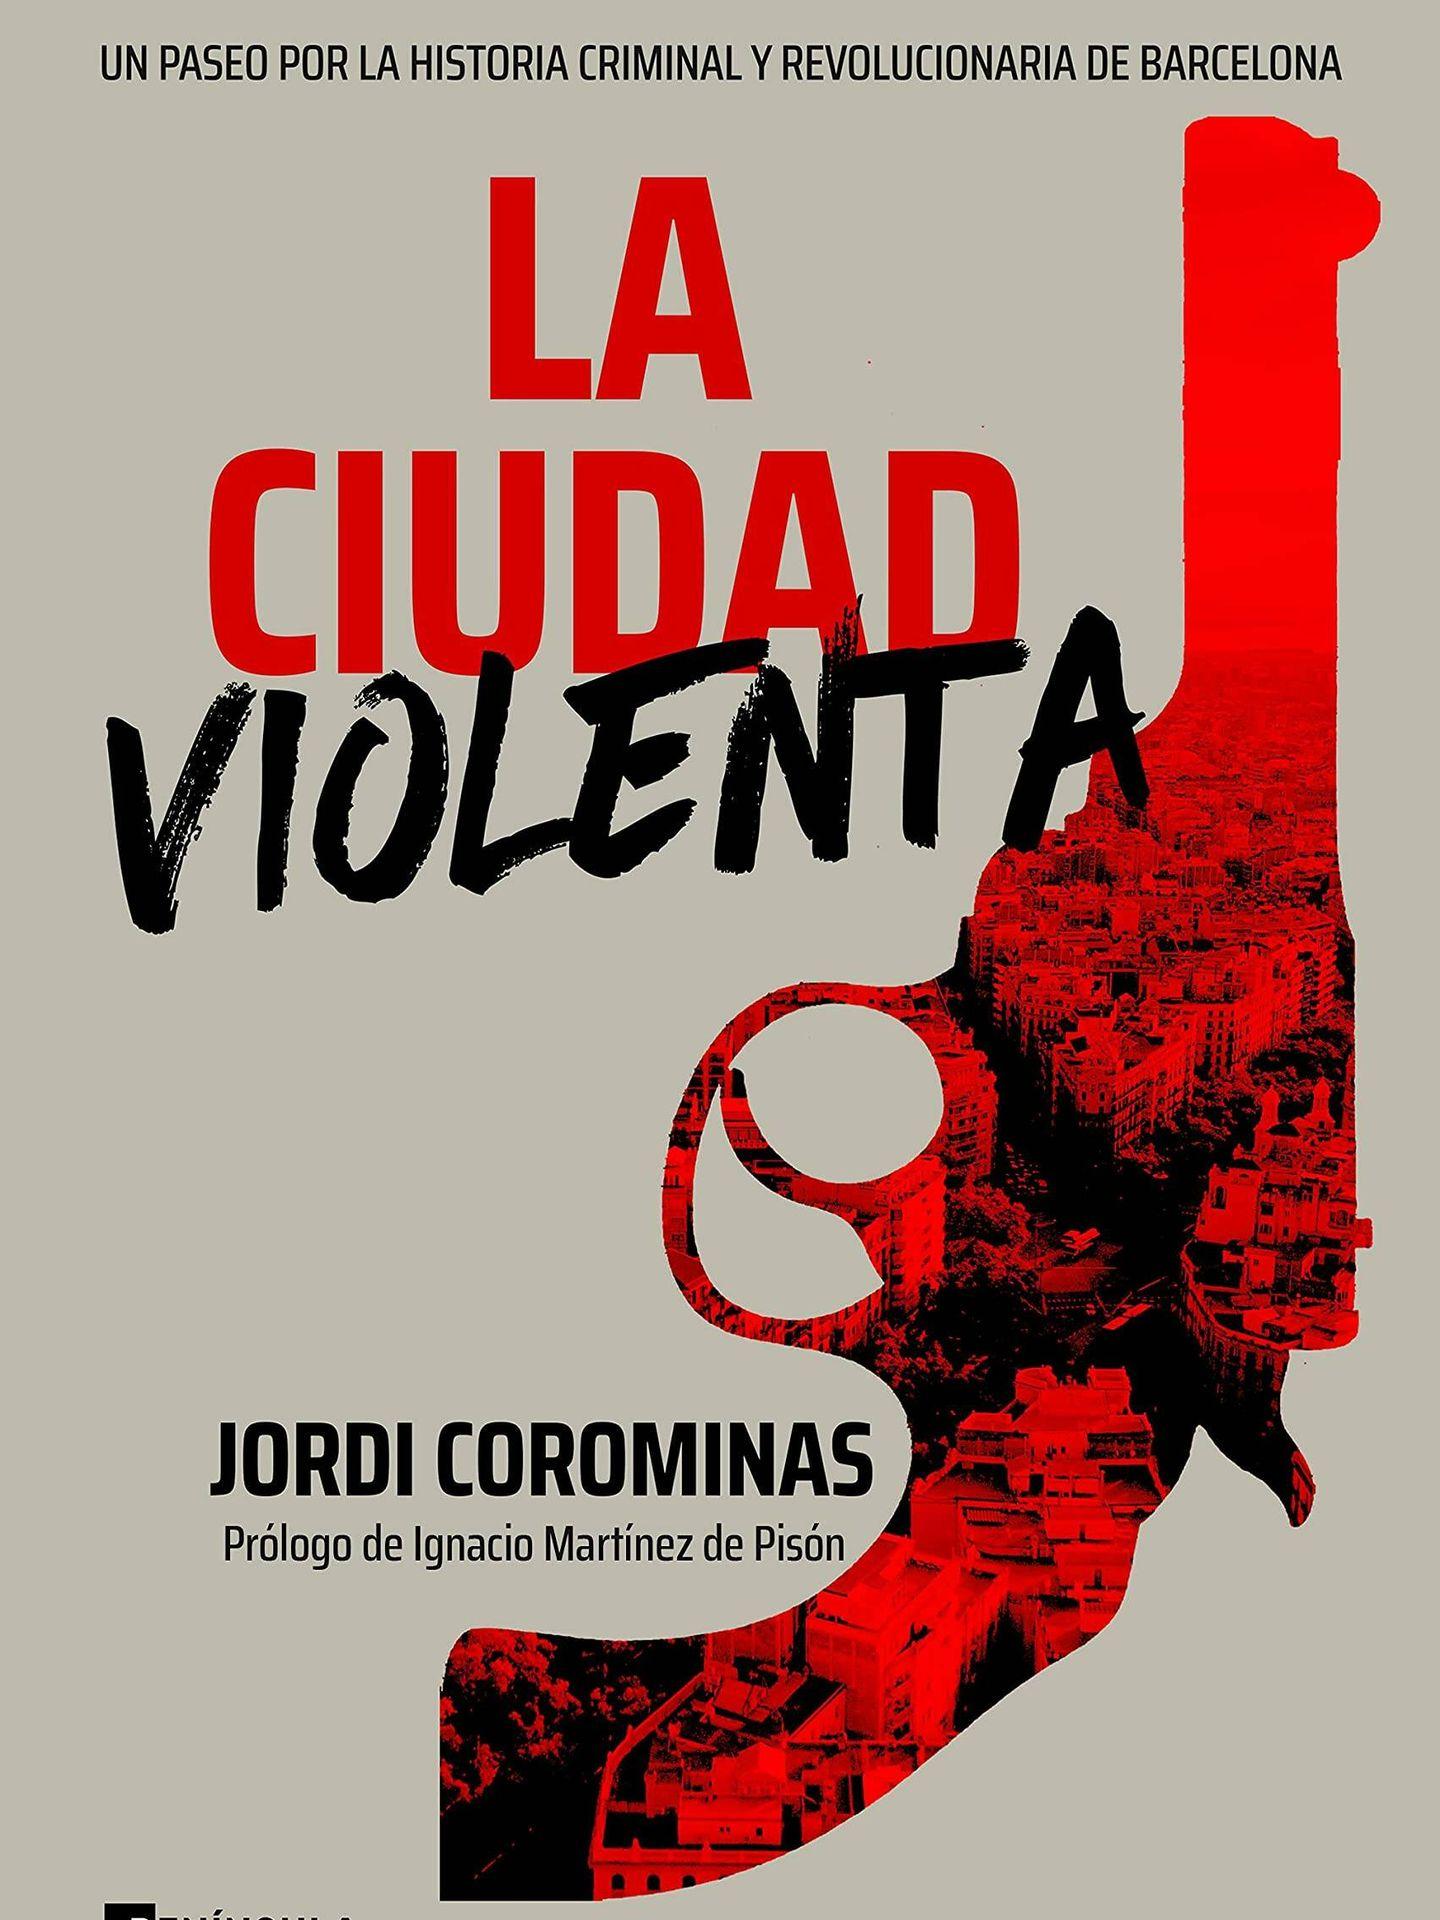 'La ciudad violenta'